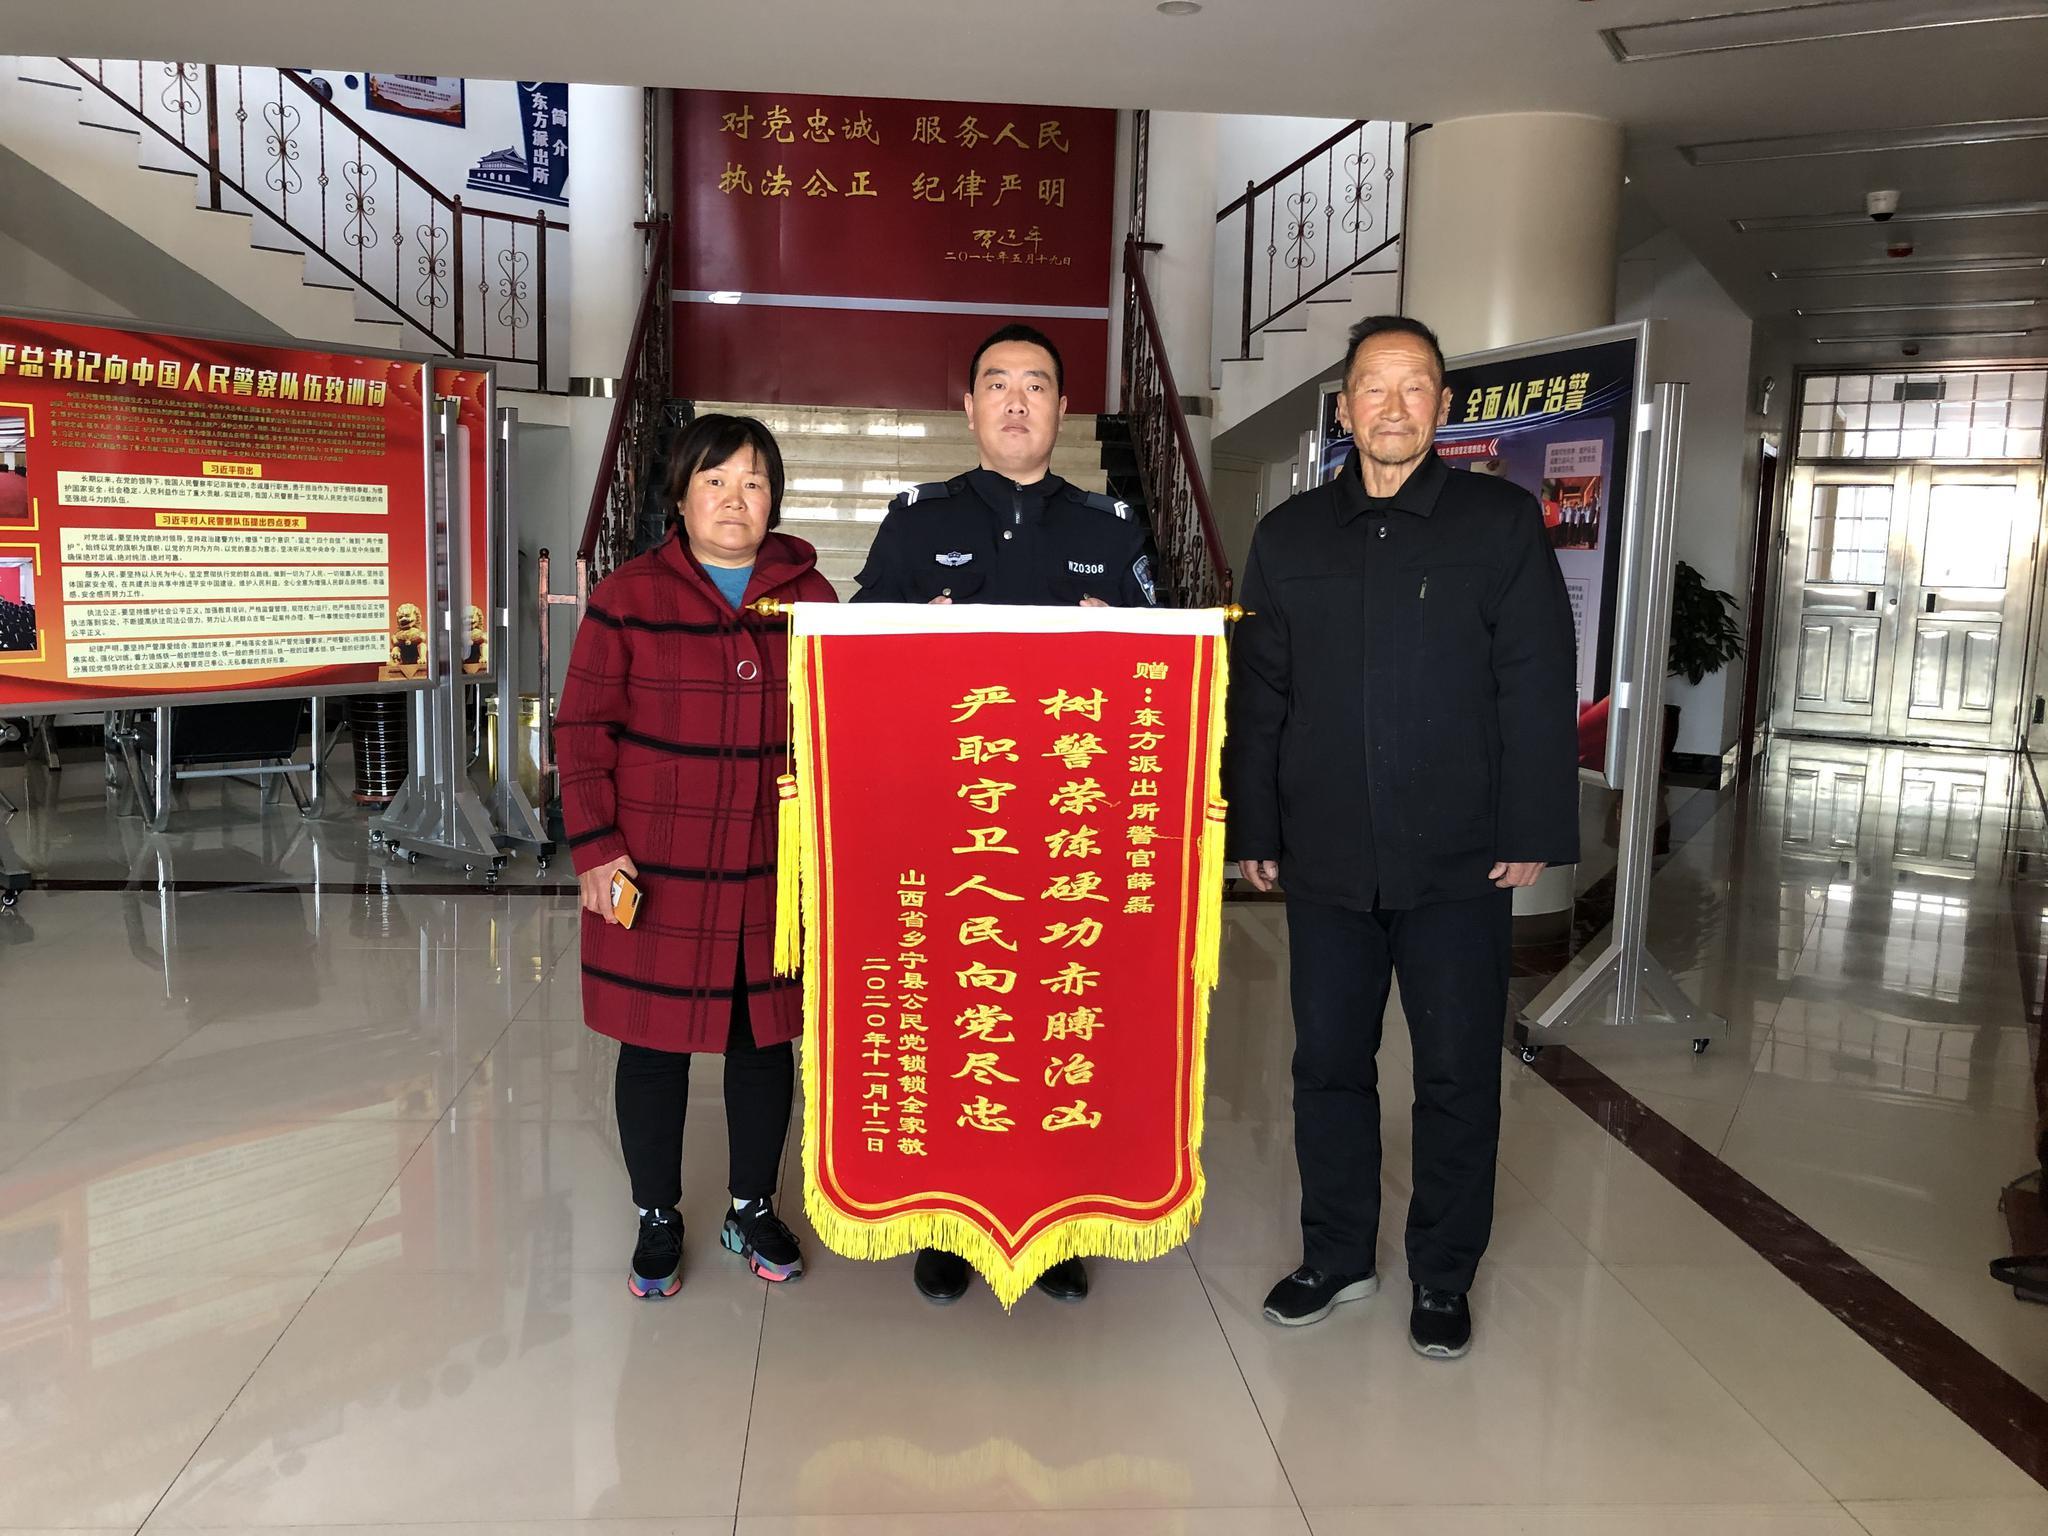 党锁锁父女在包头市公安局东风派出所。新京报记者 曾金秋摄